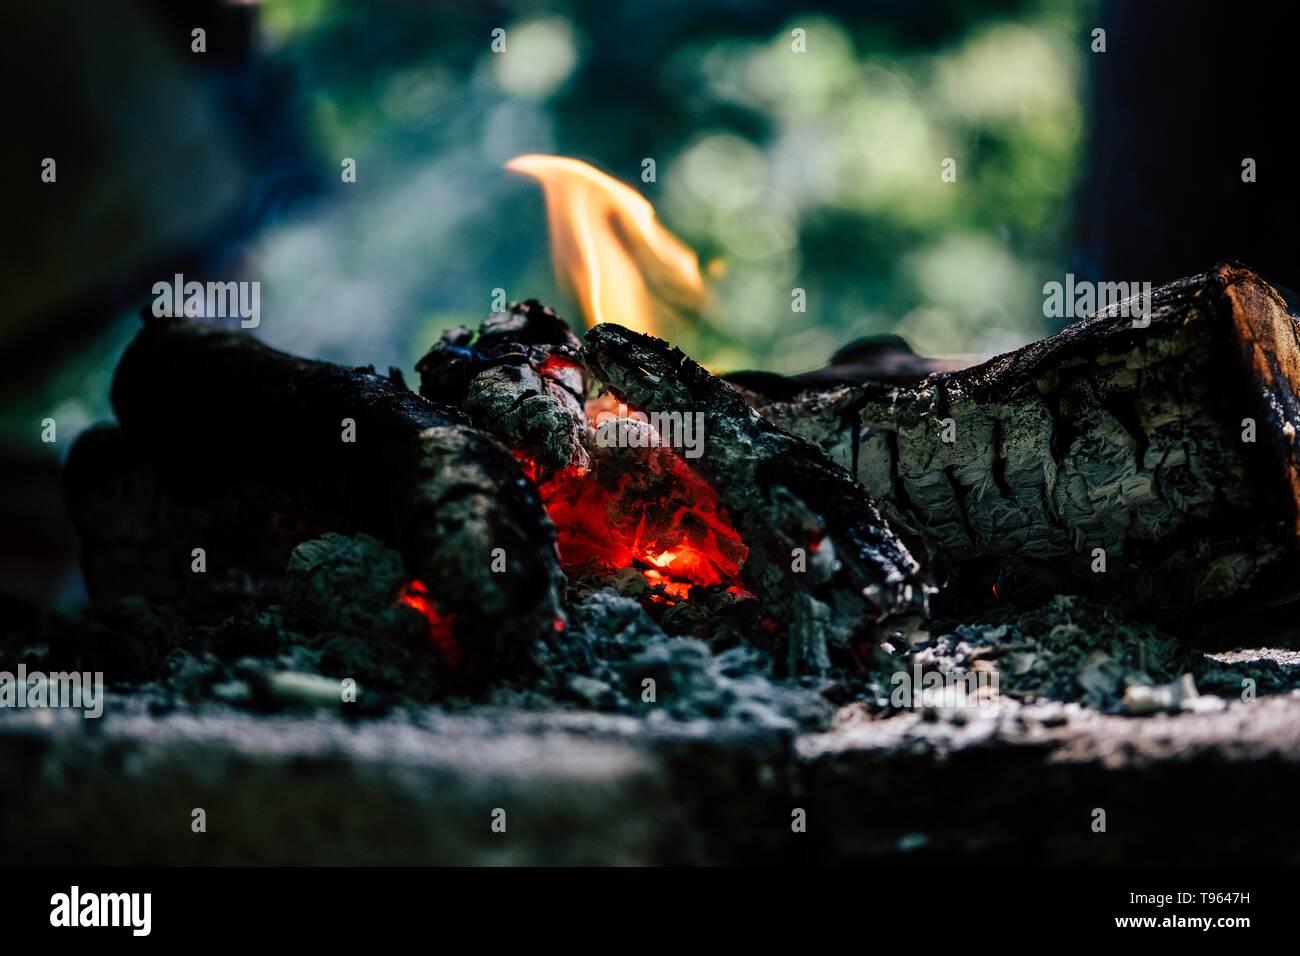 Closeup shot of burning logs indoors - Stock Image